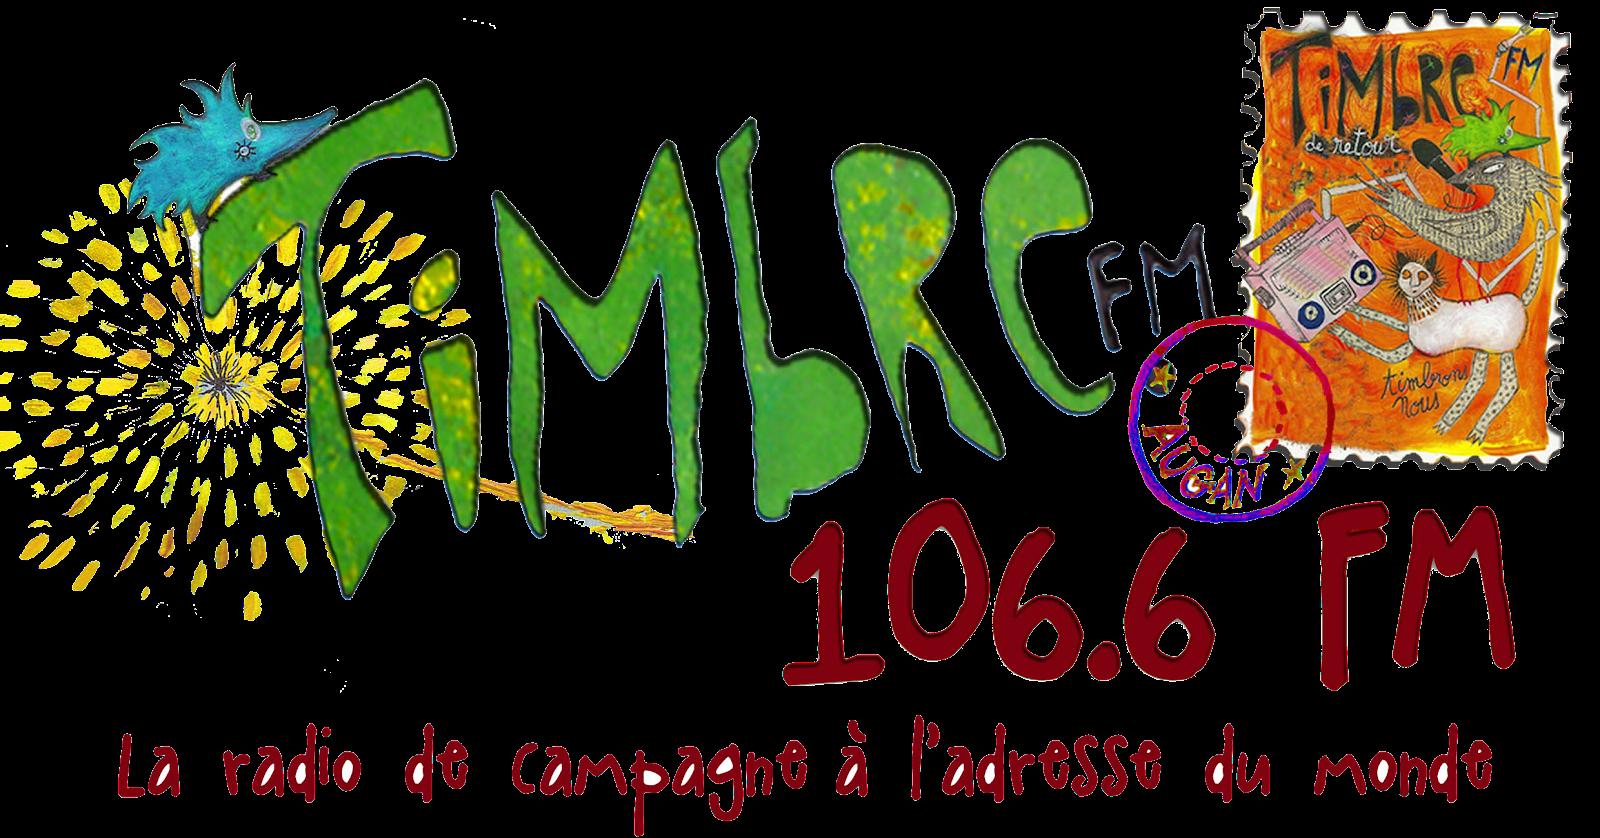 TimbreFM